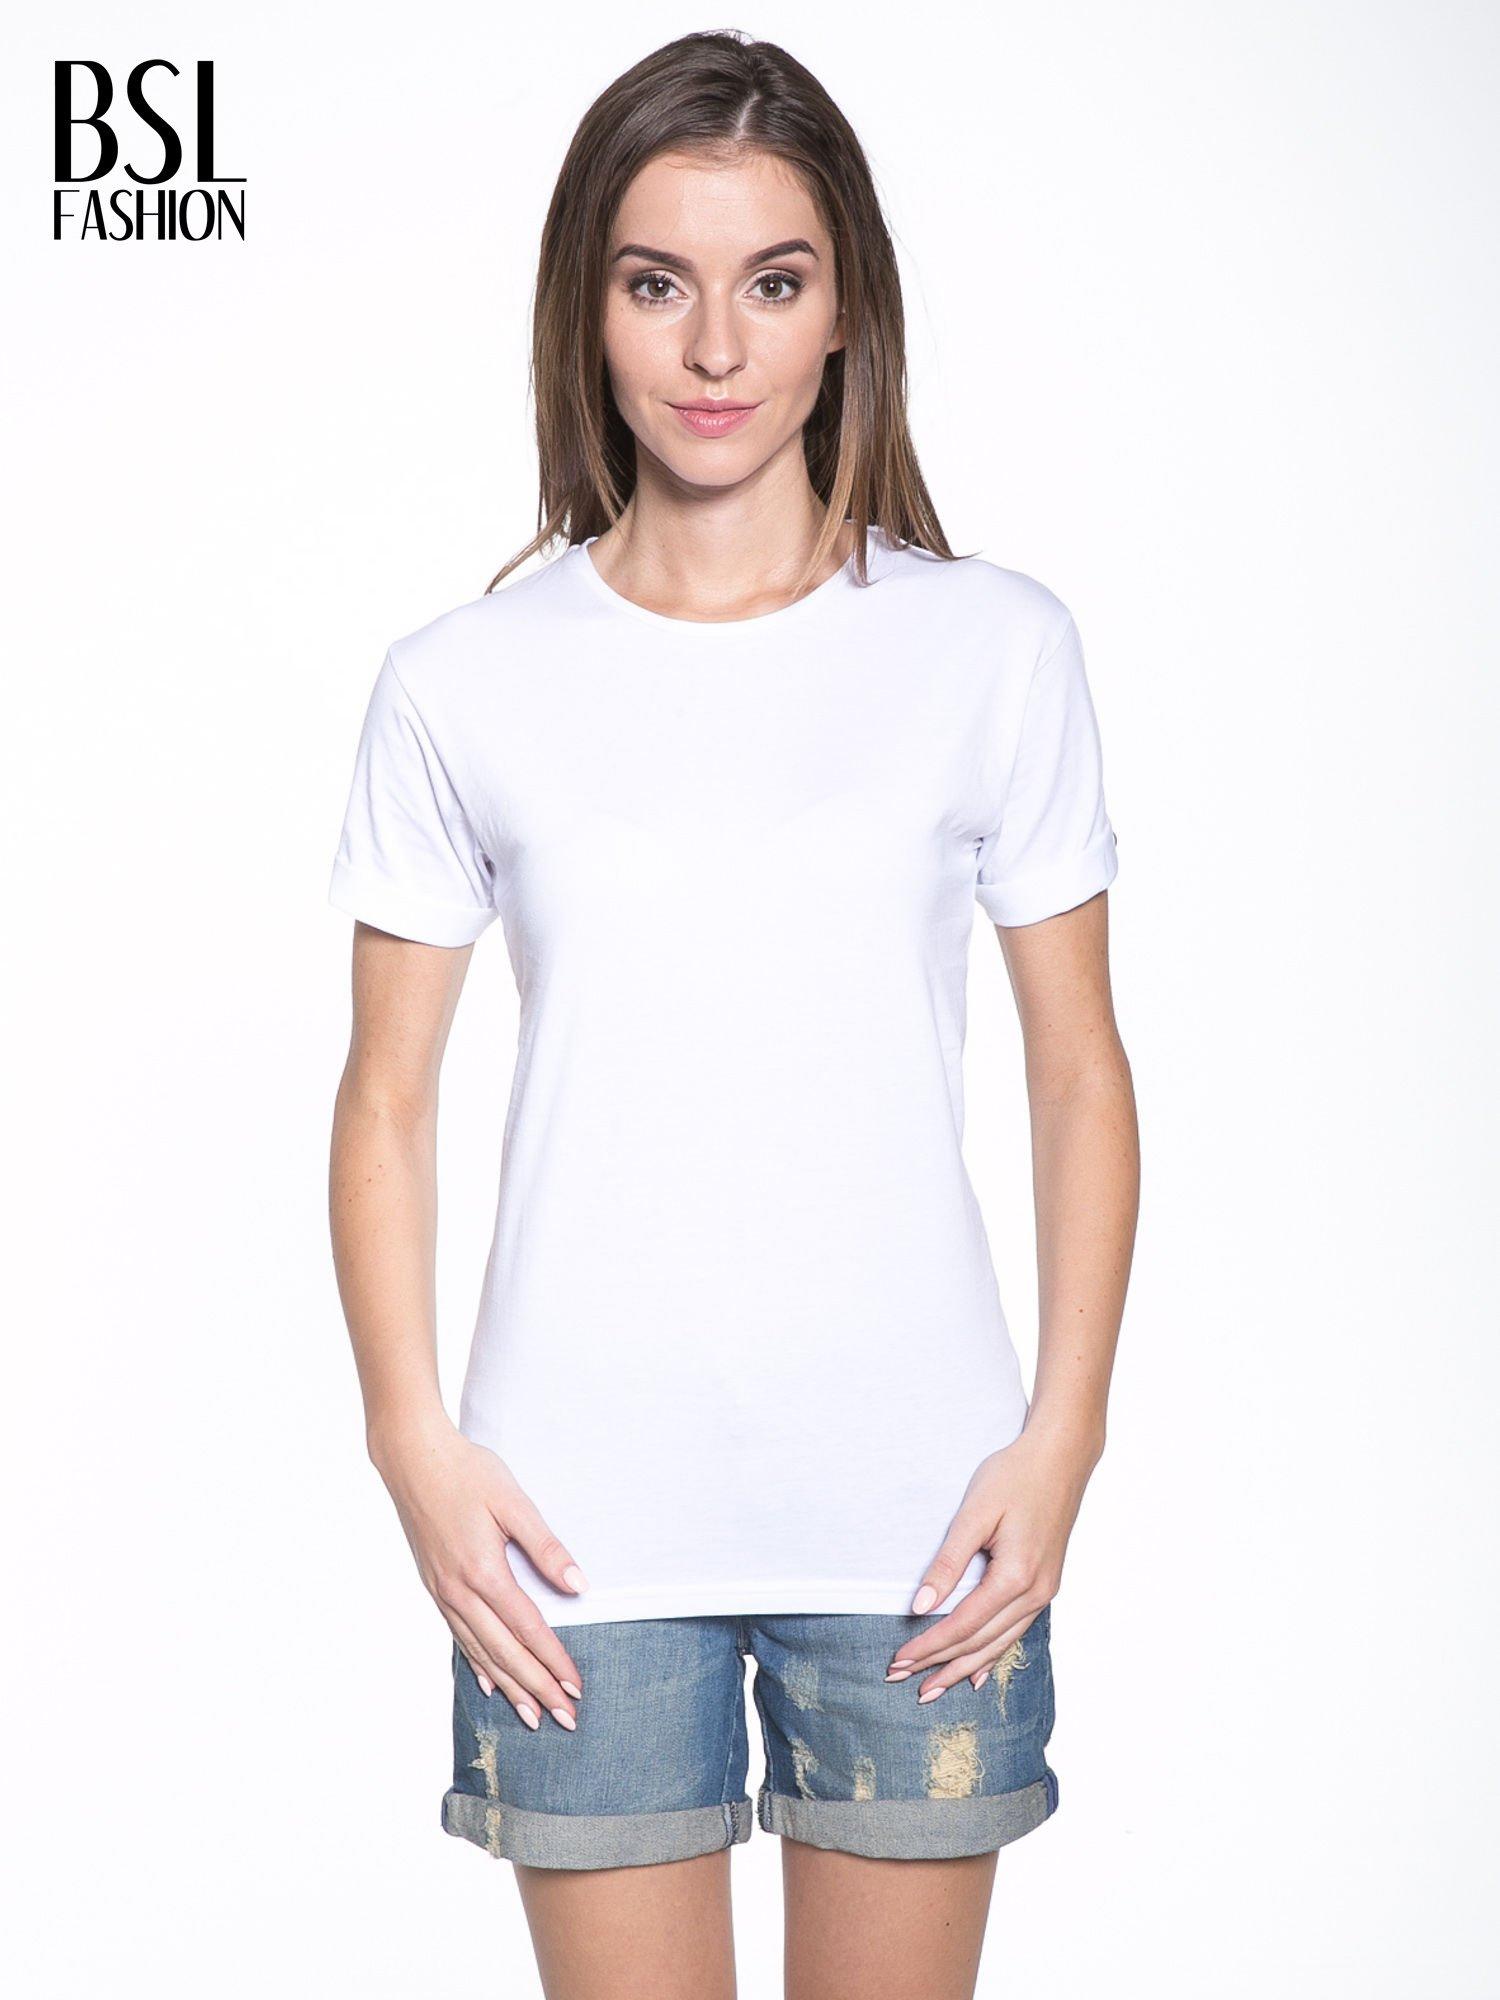 Biały t-shirt z nadrukiem numerycznym KAWAKUBO 42 z tyłu                                   zdj.                                  1